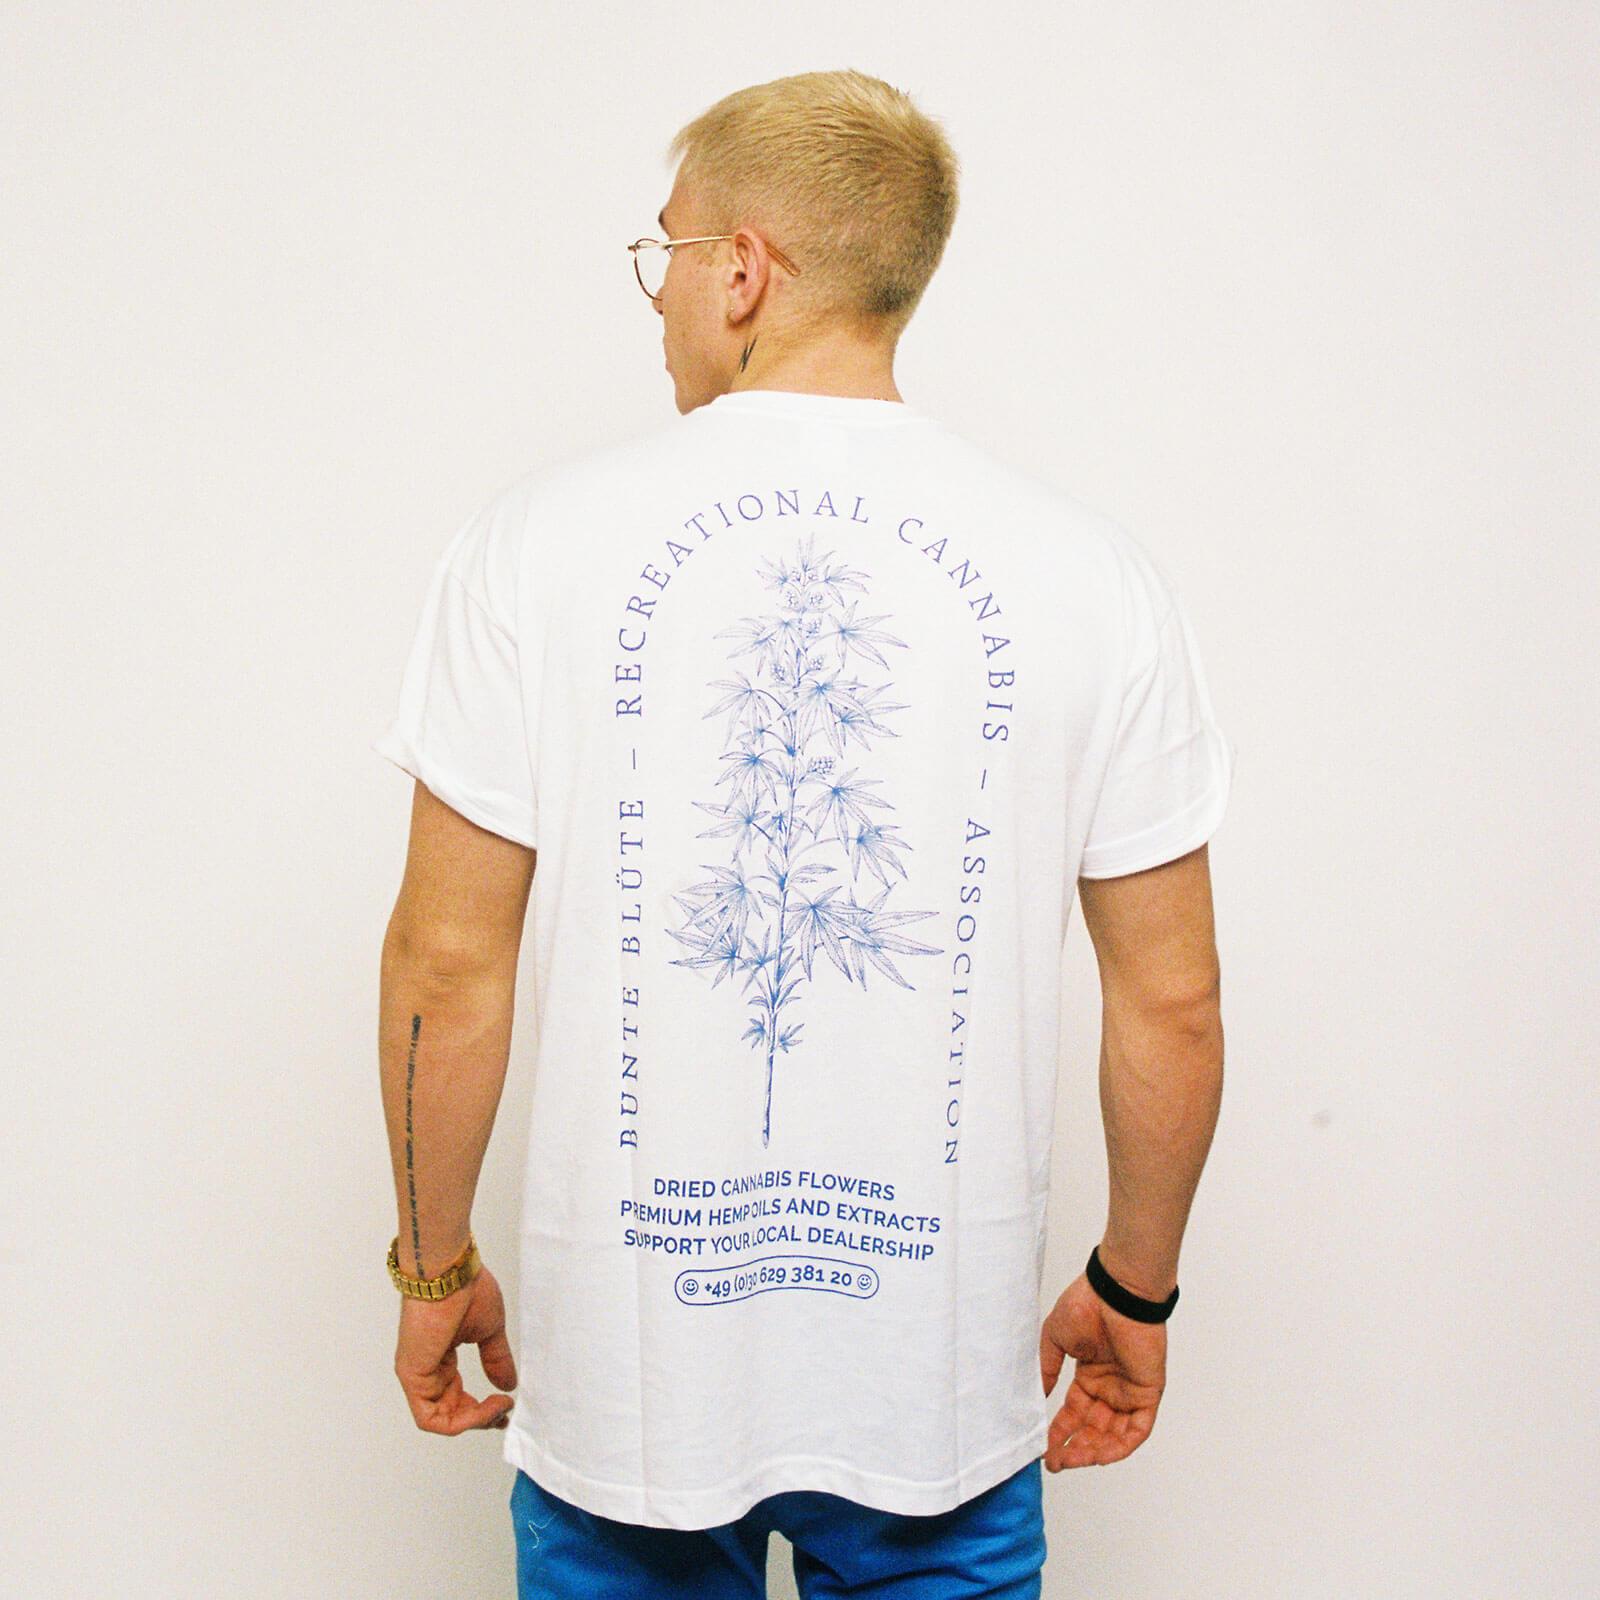 bunte-bluete-cbd-cannabis-merch-tshirt-recreational-weiß-herren-hinten-kaufen